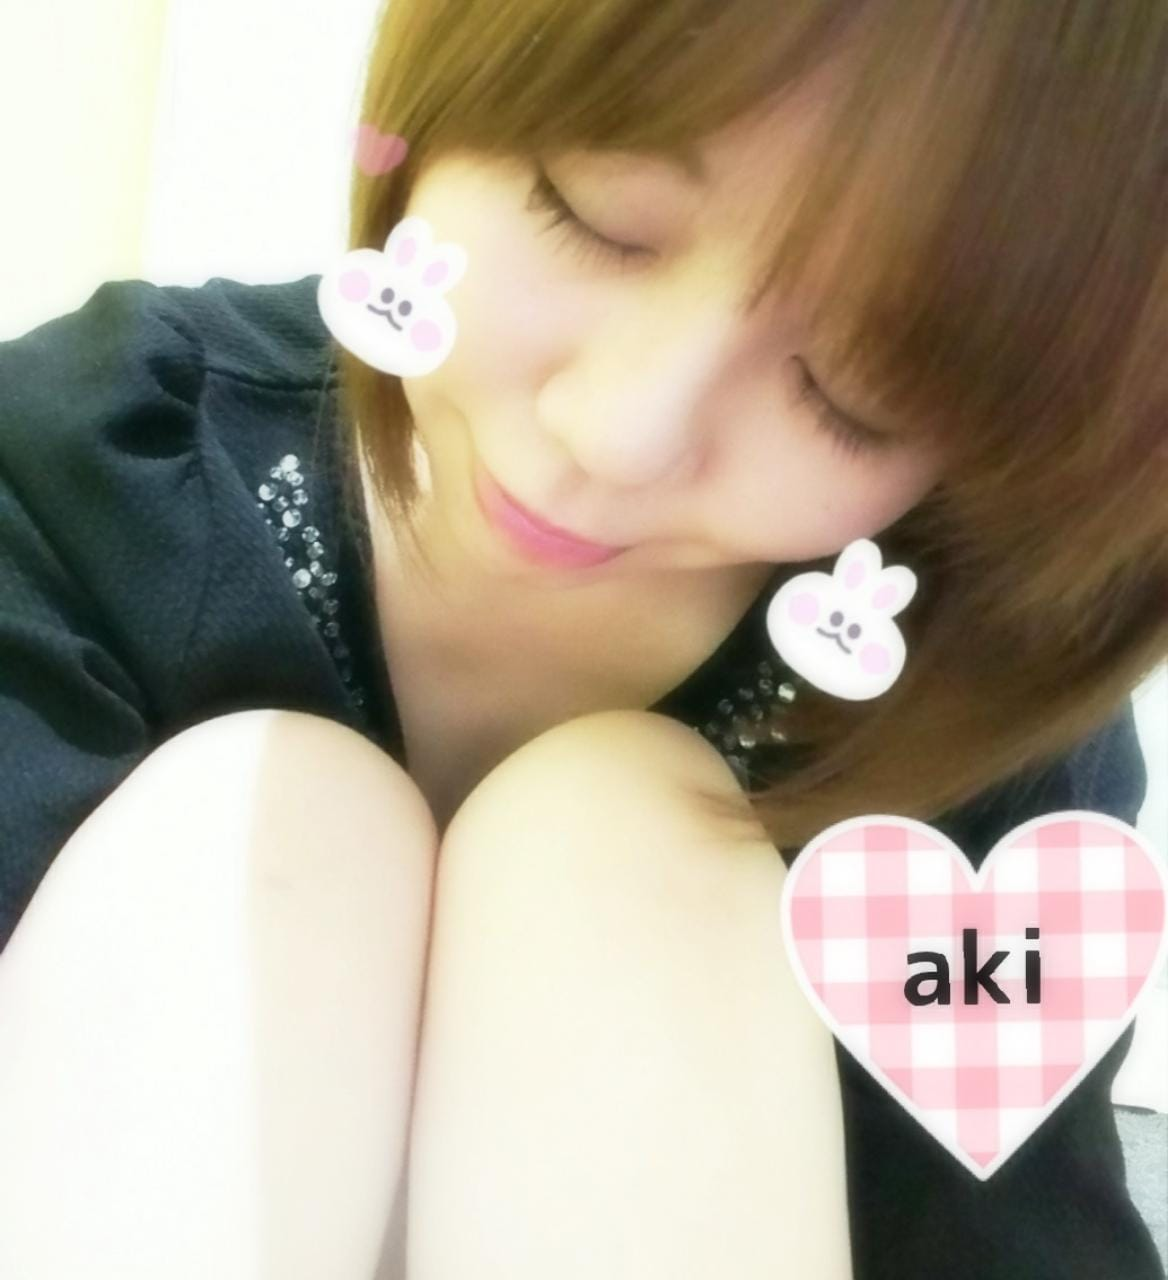 「♡ 今週の予定 ♡」07/11(07/11) 00:23 | あきの写メ・風俗動画